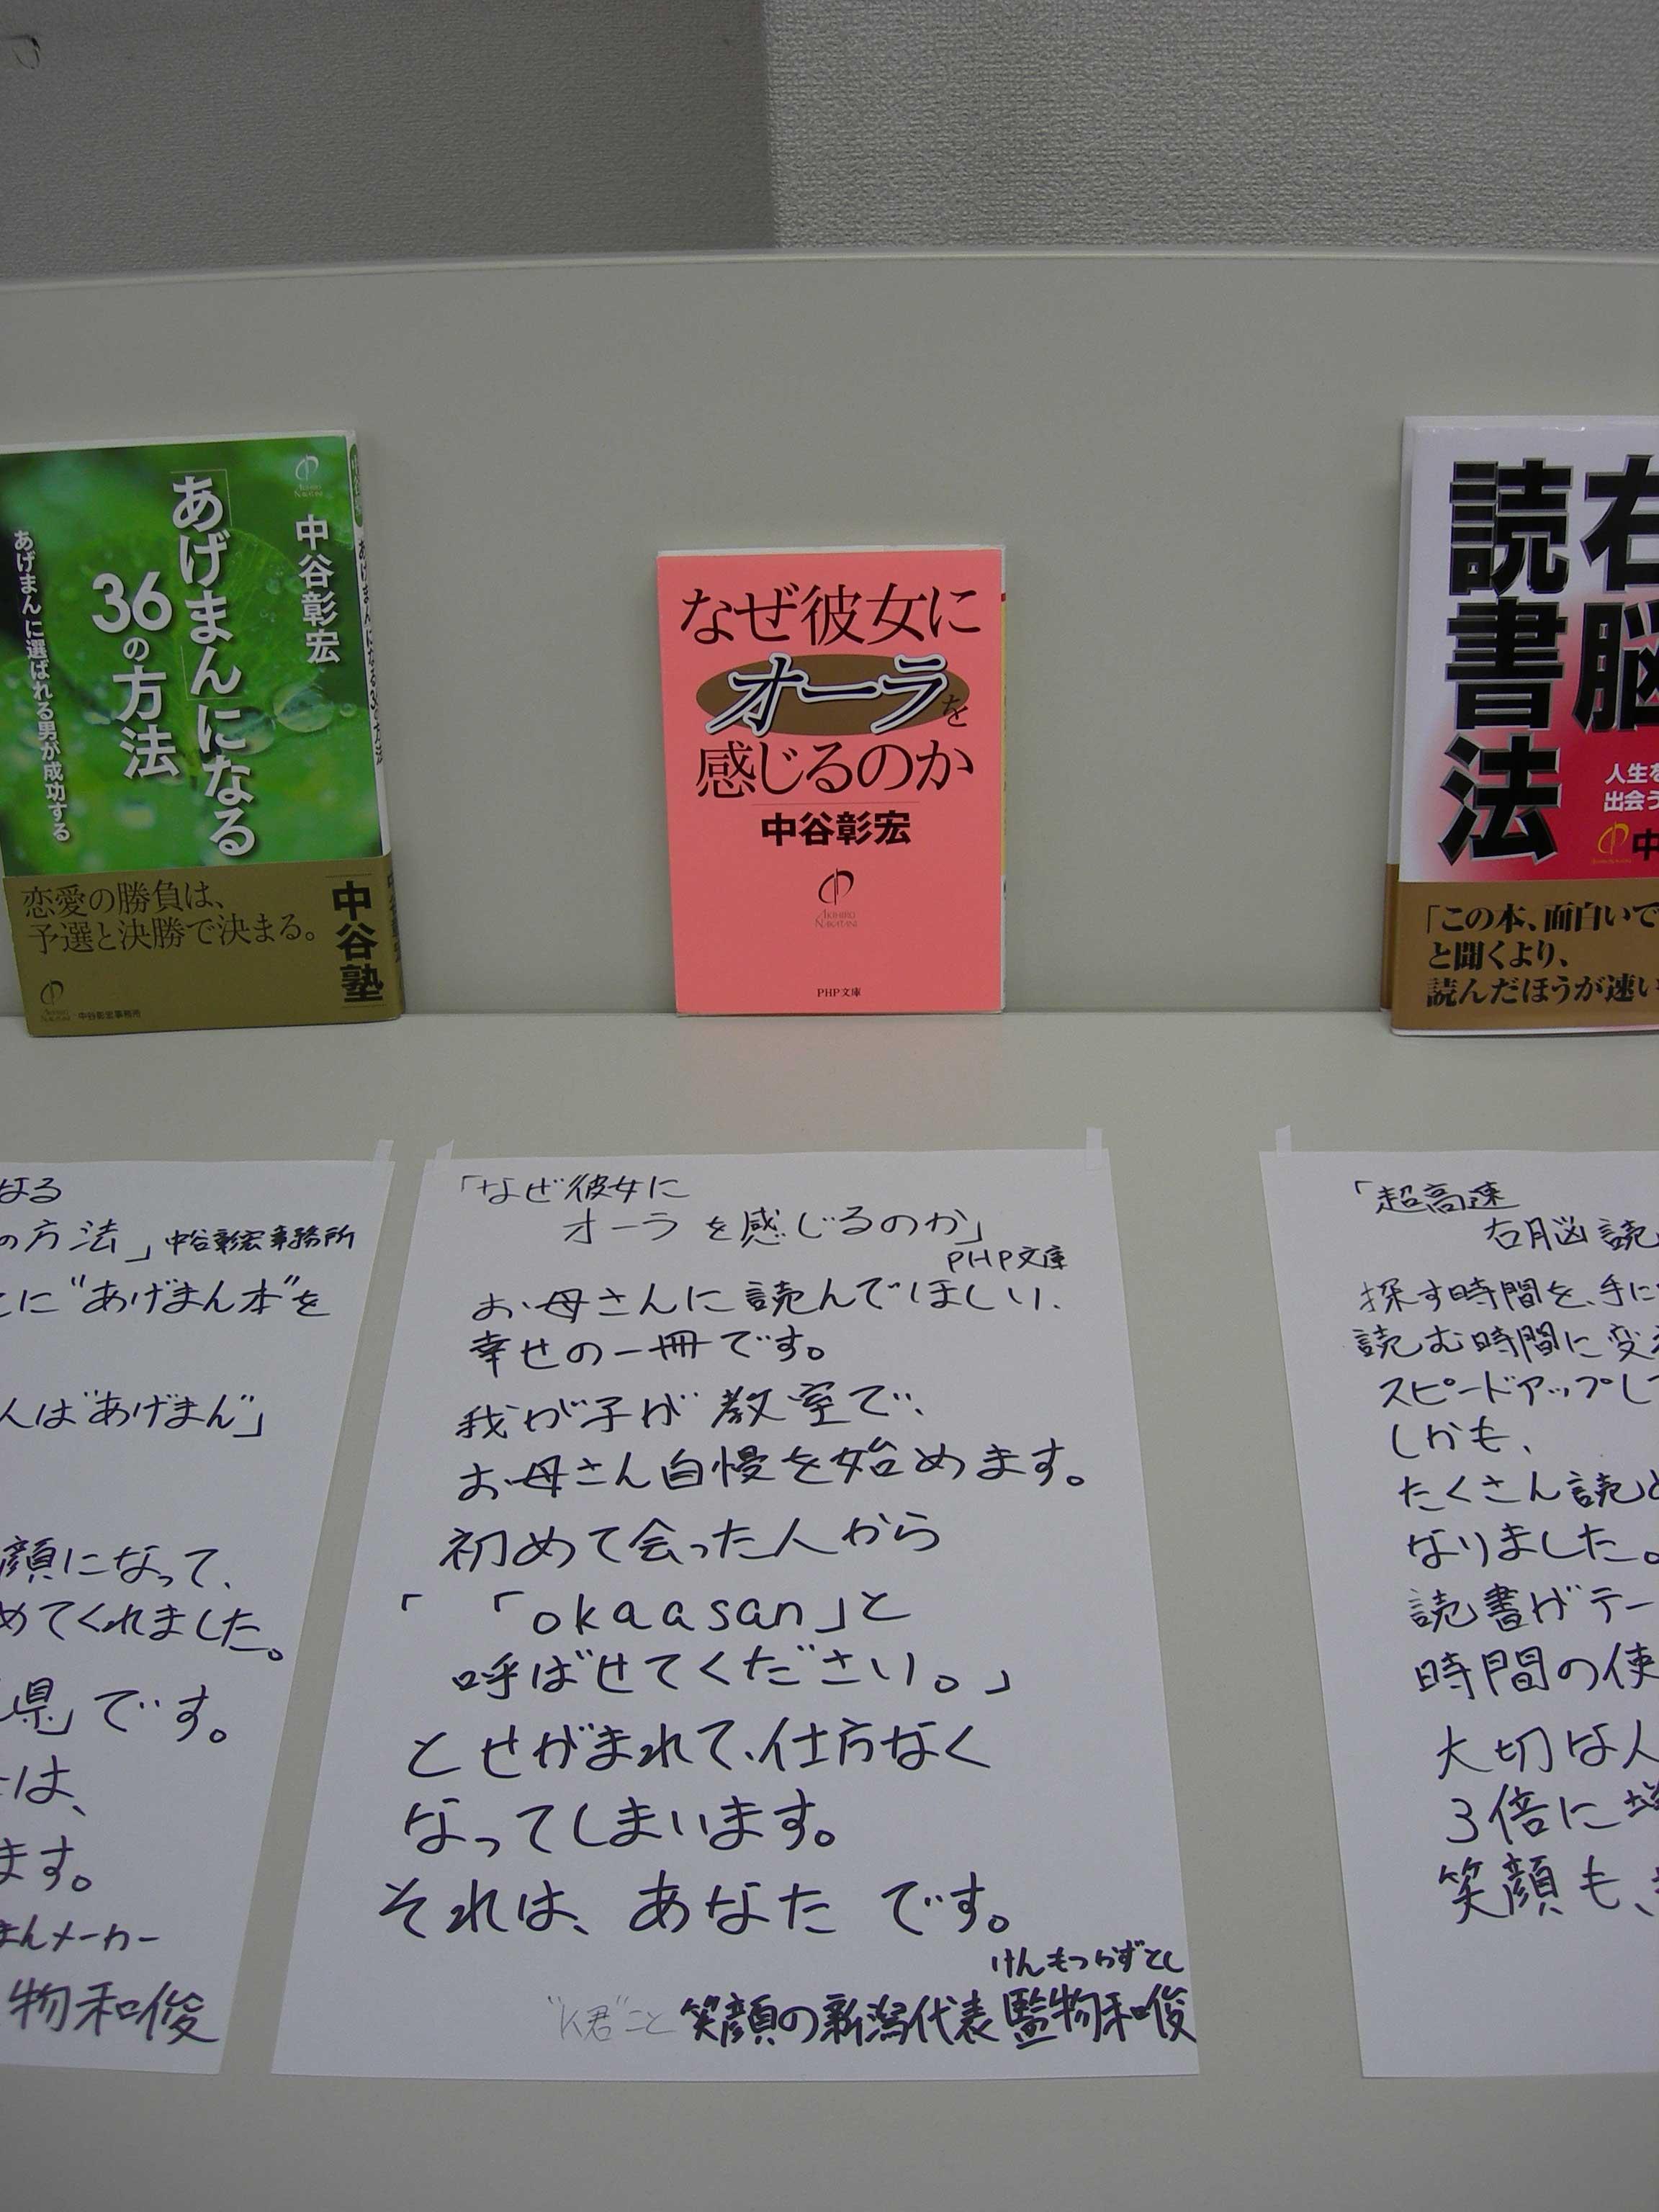 20100516_紹介文_監物和俊さん_5.jpg